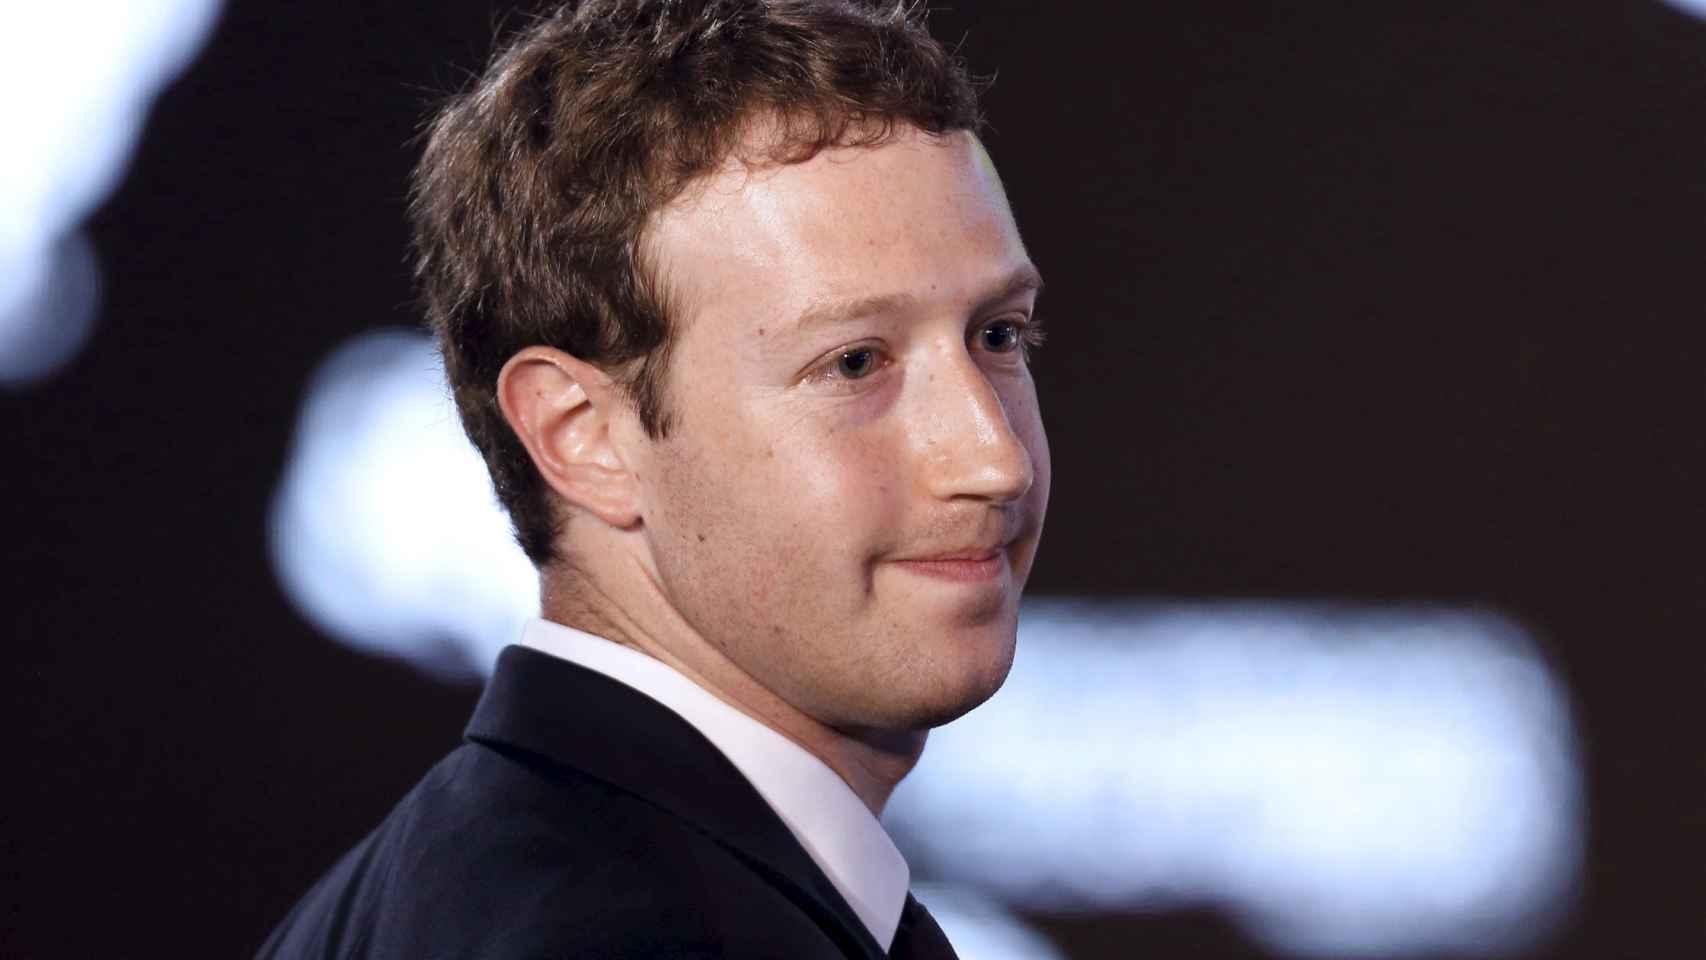 Zuckerberg controla dos de las principales aplicaciones de mensajería del mercado.